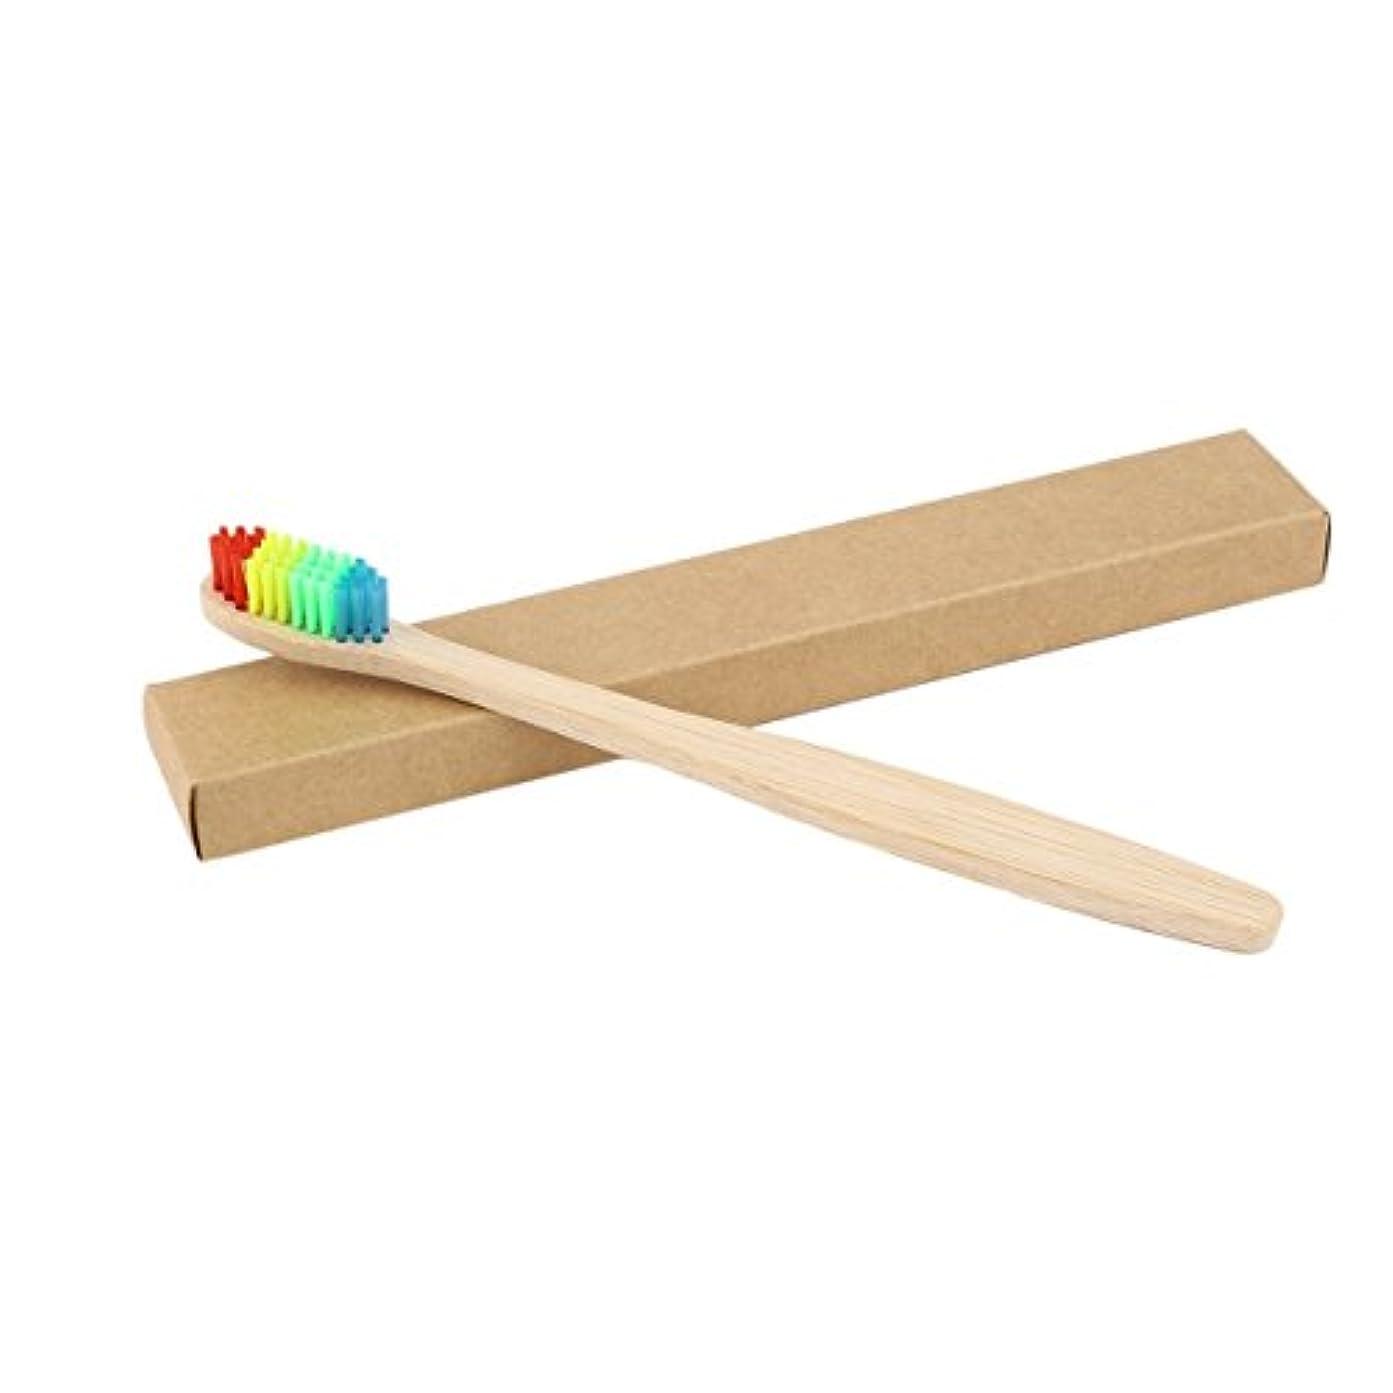 中教授不毛のカラフルな髪+竹のハンドル歯ブラシ環境木製の虹竹の歯ブラシオーラルケアソフト剛毛ユニセックス - ウッドカラー+カラフル